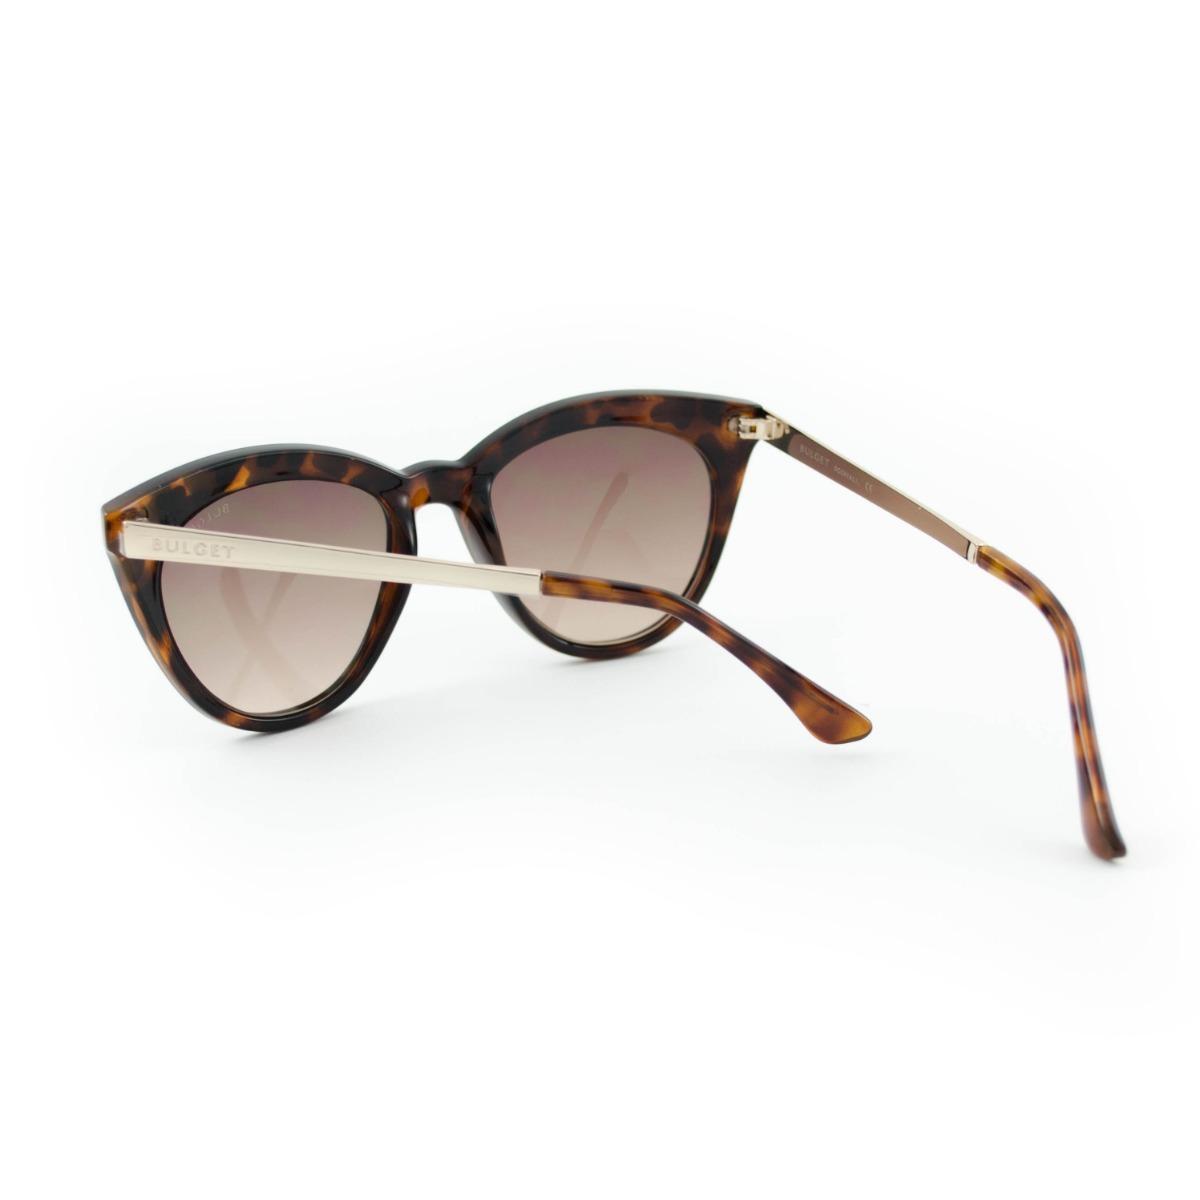 Óculos De Sol Bulget - Bg5152 G21 - Marrom - R  199,99 em Mercado Livre 9ef46d46f6